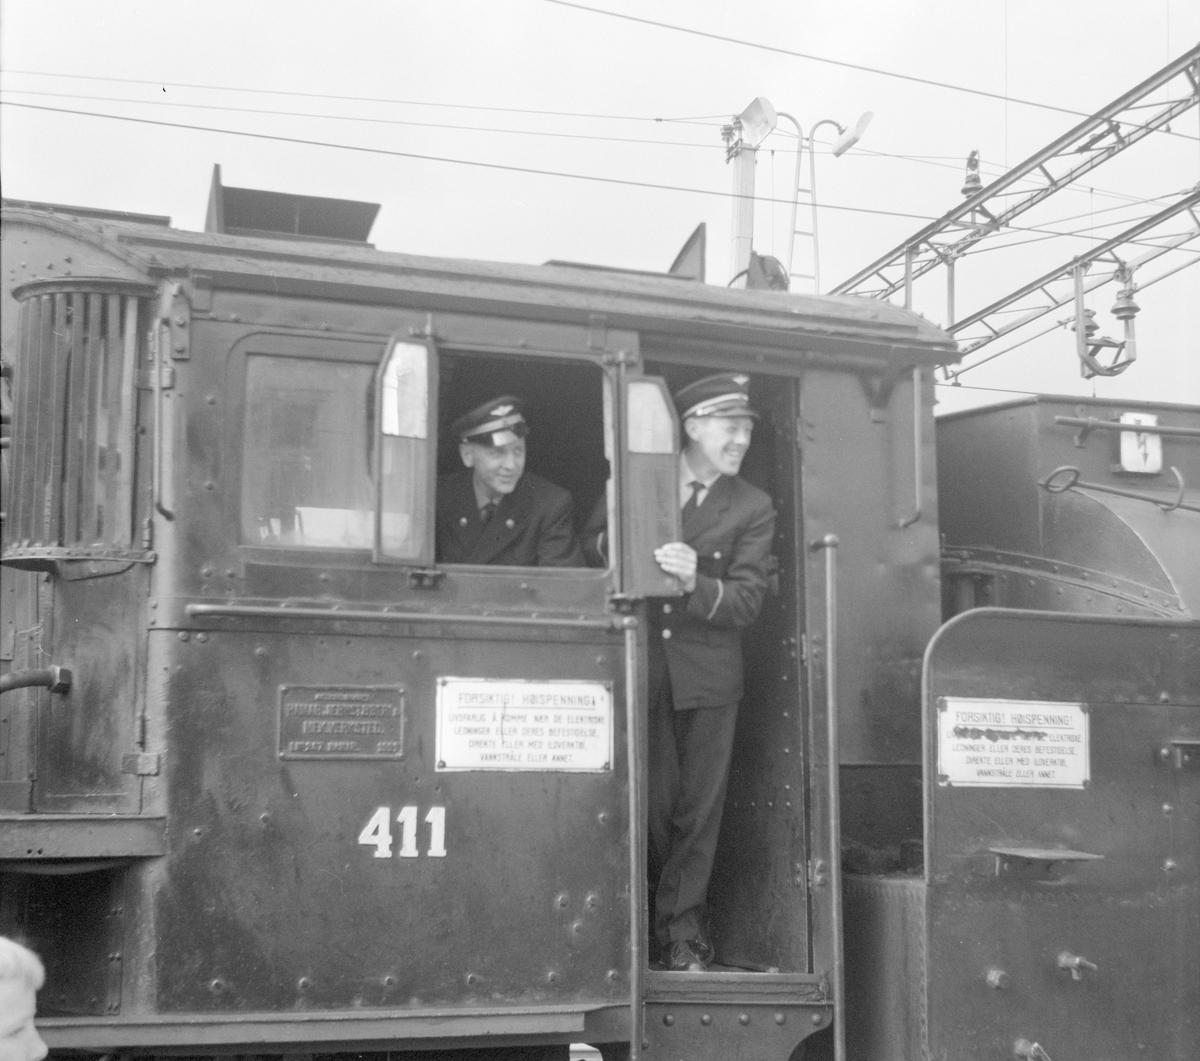 Lokomotivpersonalet på lok type 26c 411 på veterantogturen Kongsvinger-Hamar for A/L Hølandsbanen og Svenska Järnvägsklubben.